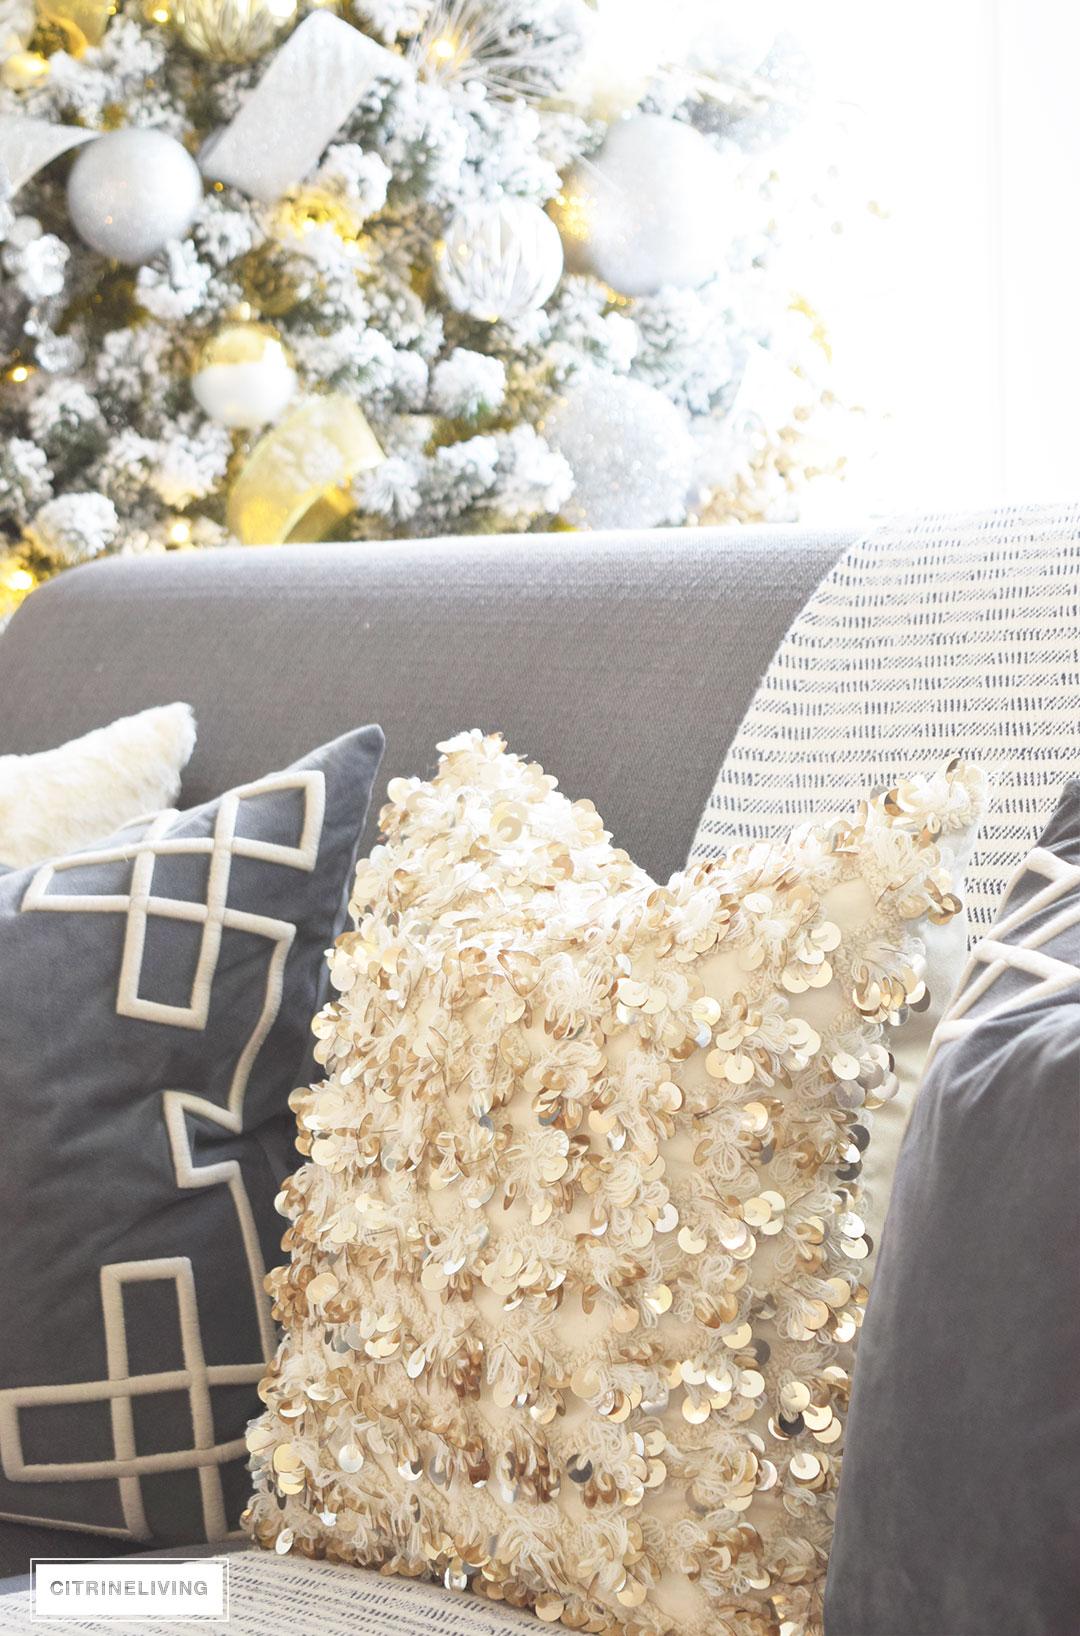 bolly-pillow-annie-selke-christmas-decor4